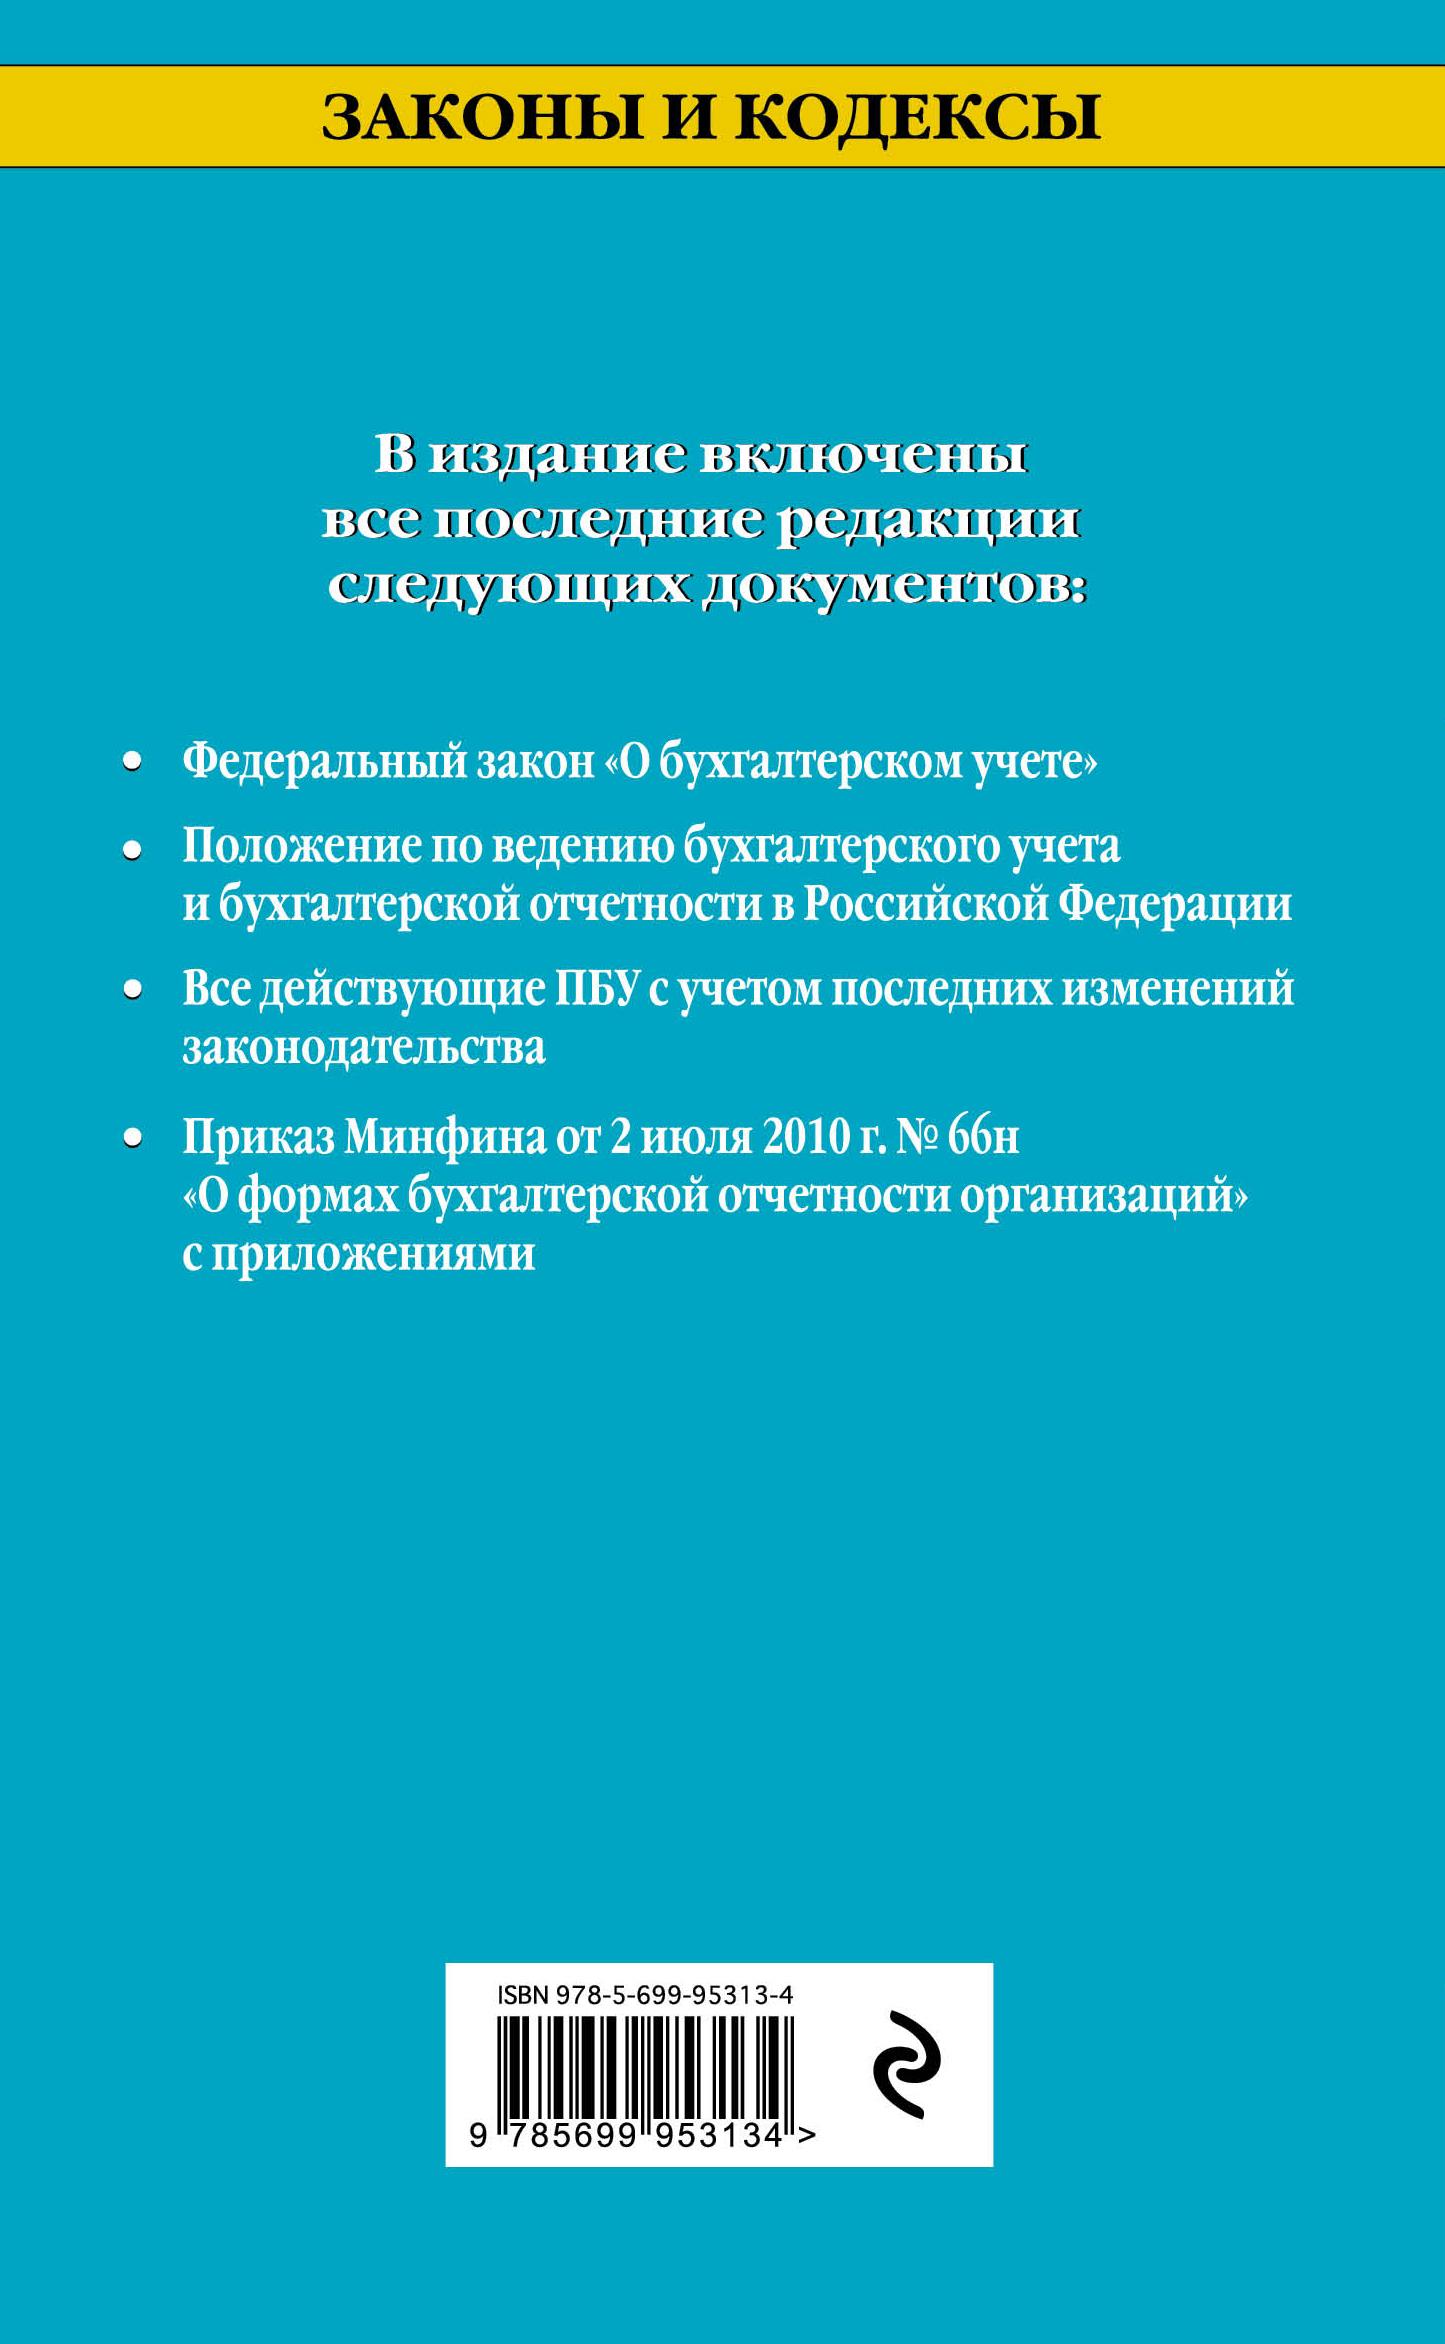 Все положения по бухгалтерскому учету В издании приведен План счетов...